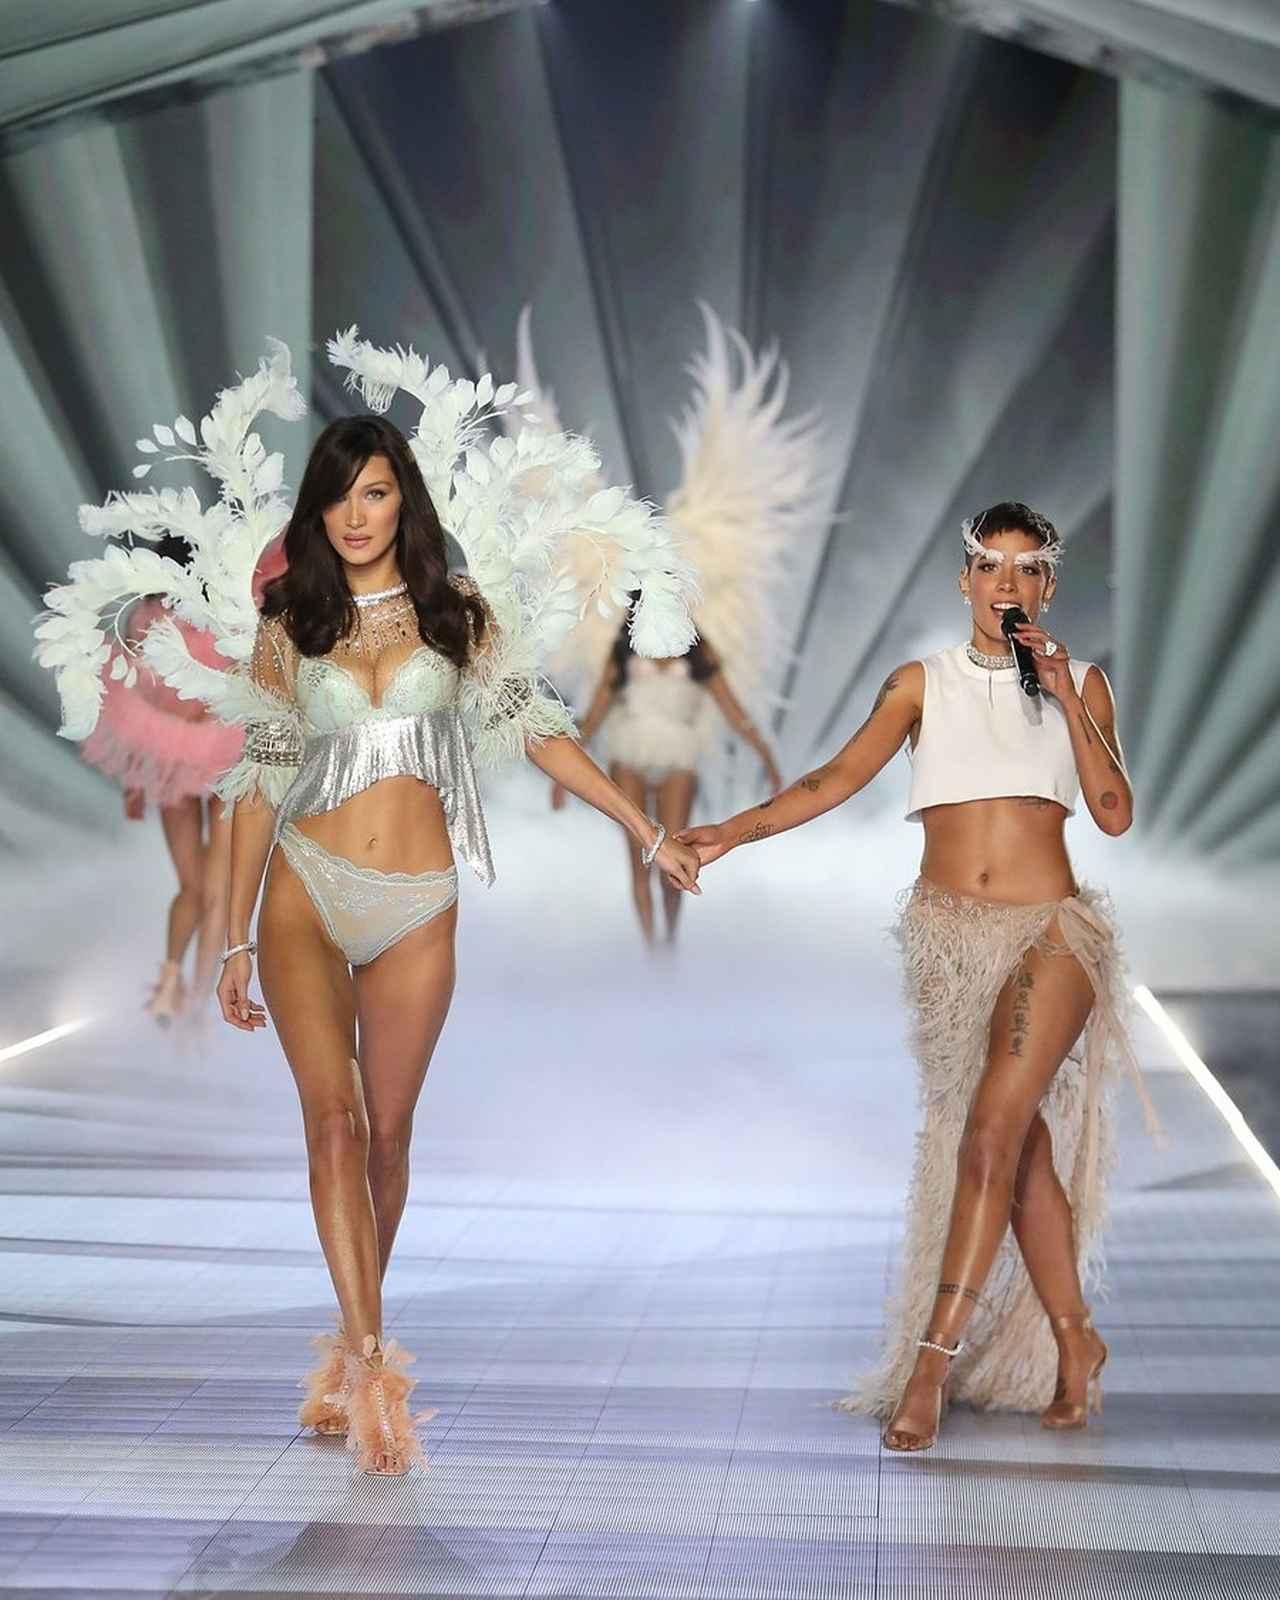 画像: ヴィクシーショーでパフォーマンスするホールジー。モデルたちが装着する天使の羽に合わせ、眉毛に羽をつけて登場した。出演モデルたちとも仲が良いい彼女は、舞台裏でも和気あいあいとした姿を見せていた。